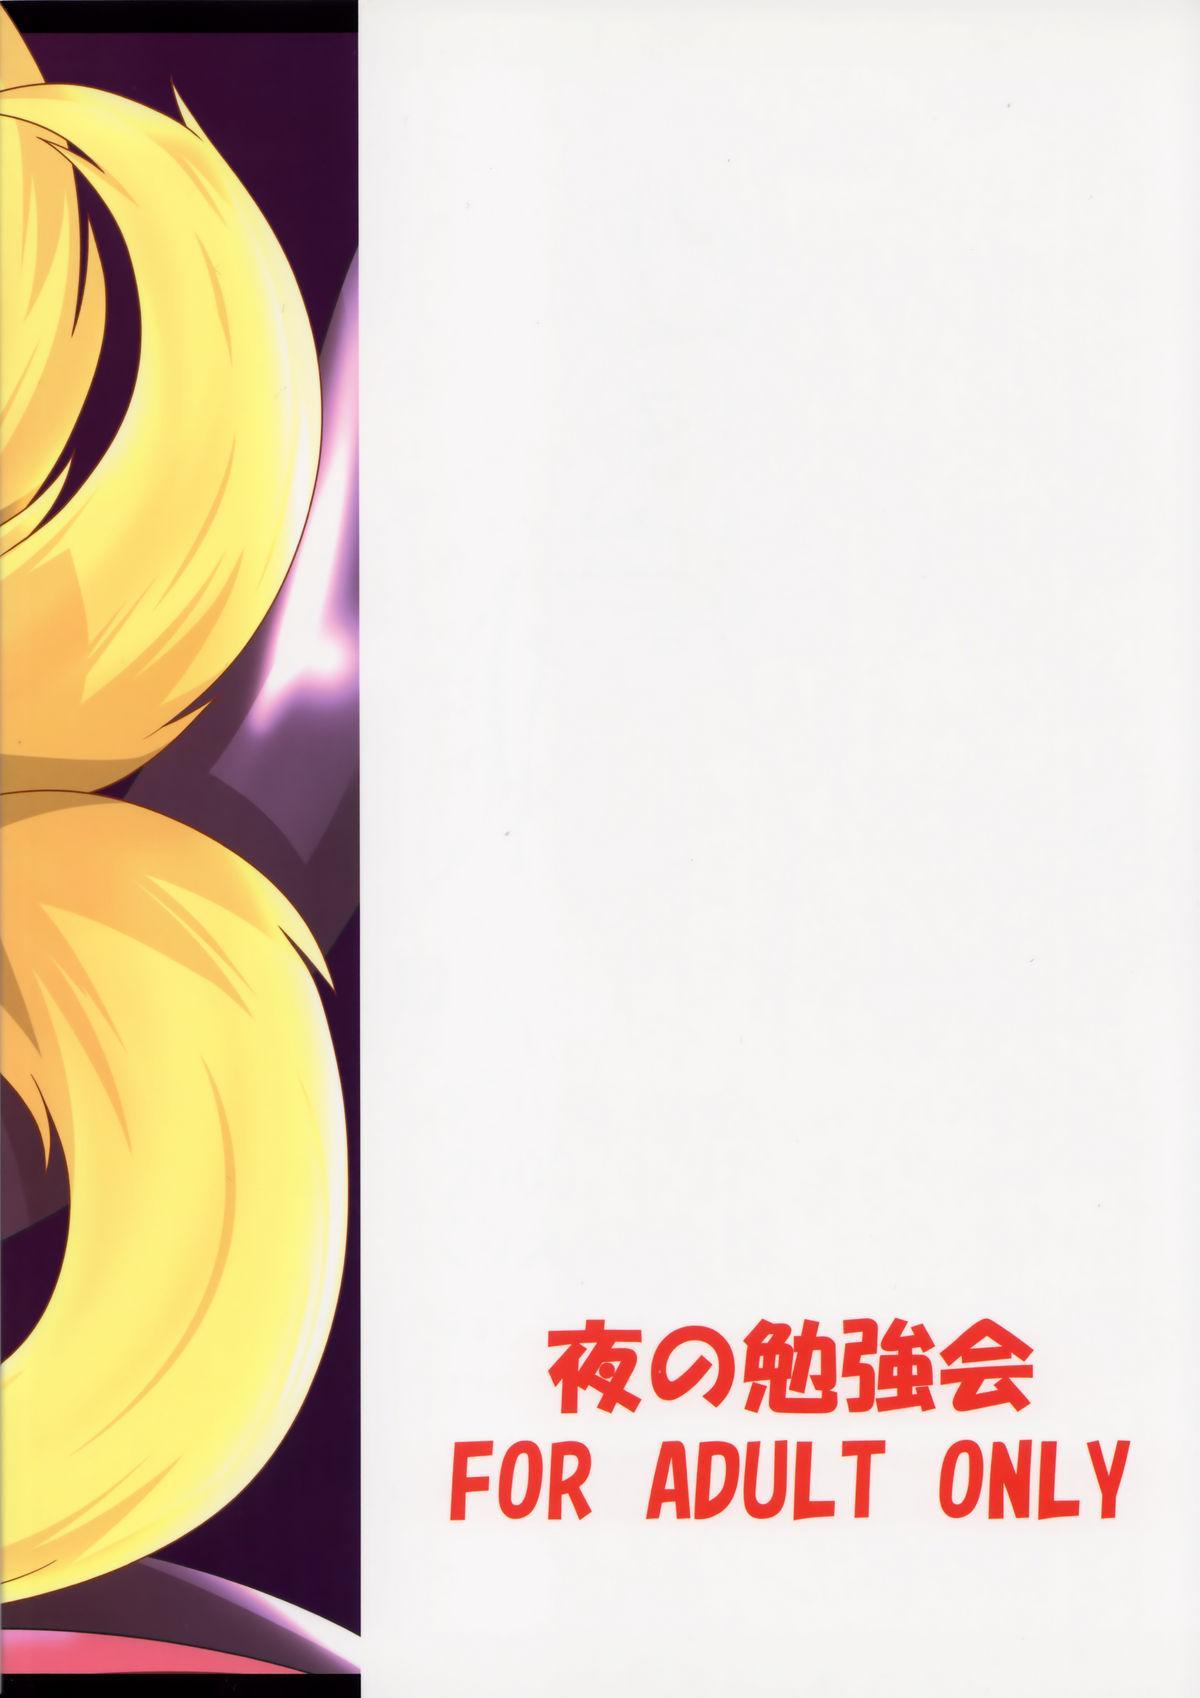 Ayakashi Kitsune 1